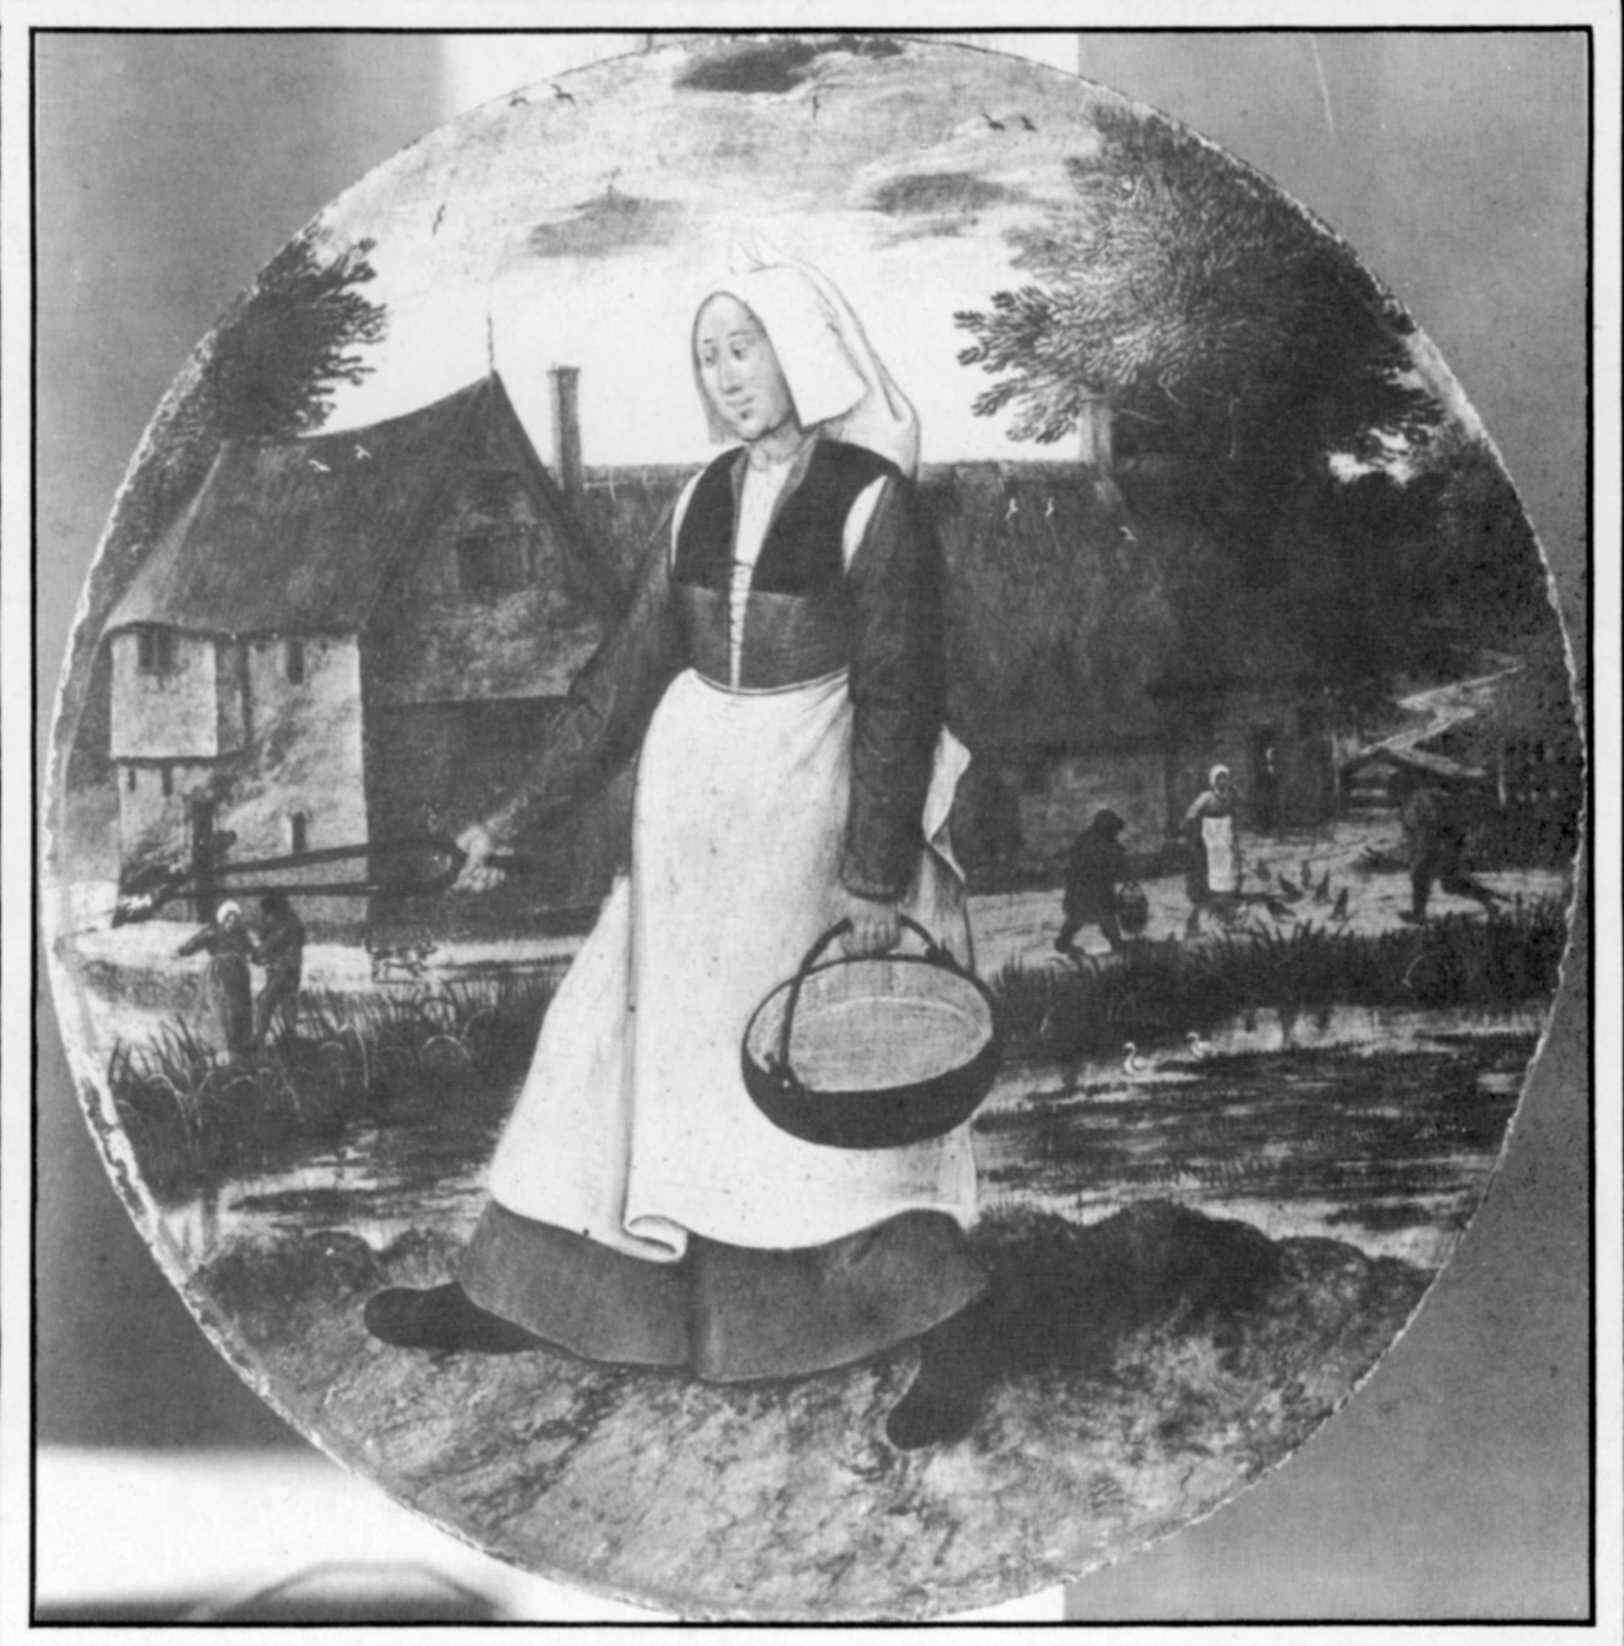 """Pieter Brueghel (krąg) """"Kobieta przenosząca żar"""", źródło: skradzionezabytki.pl"""